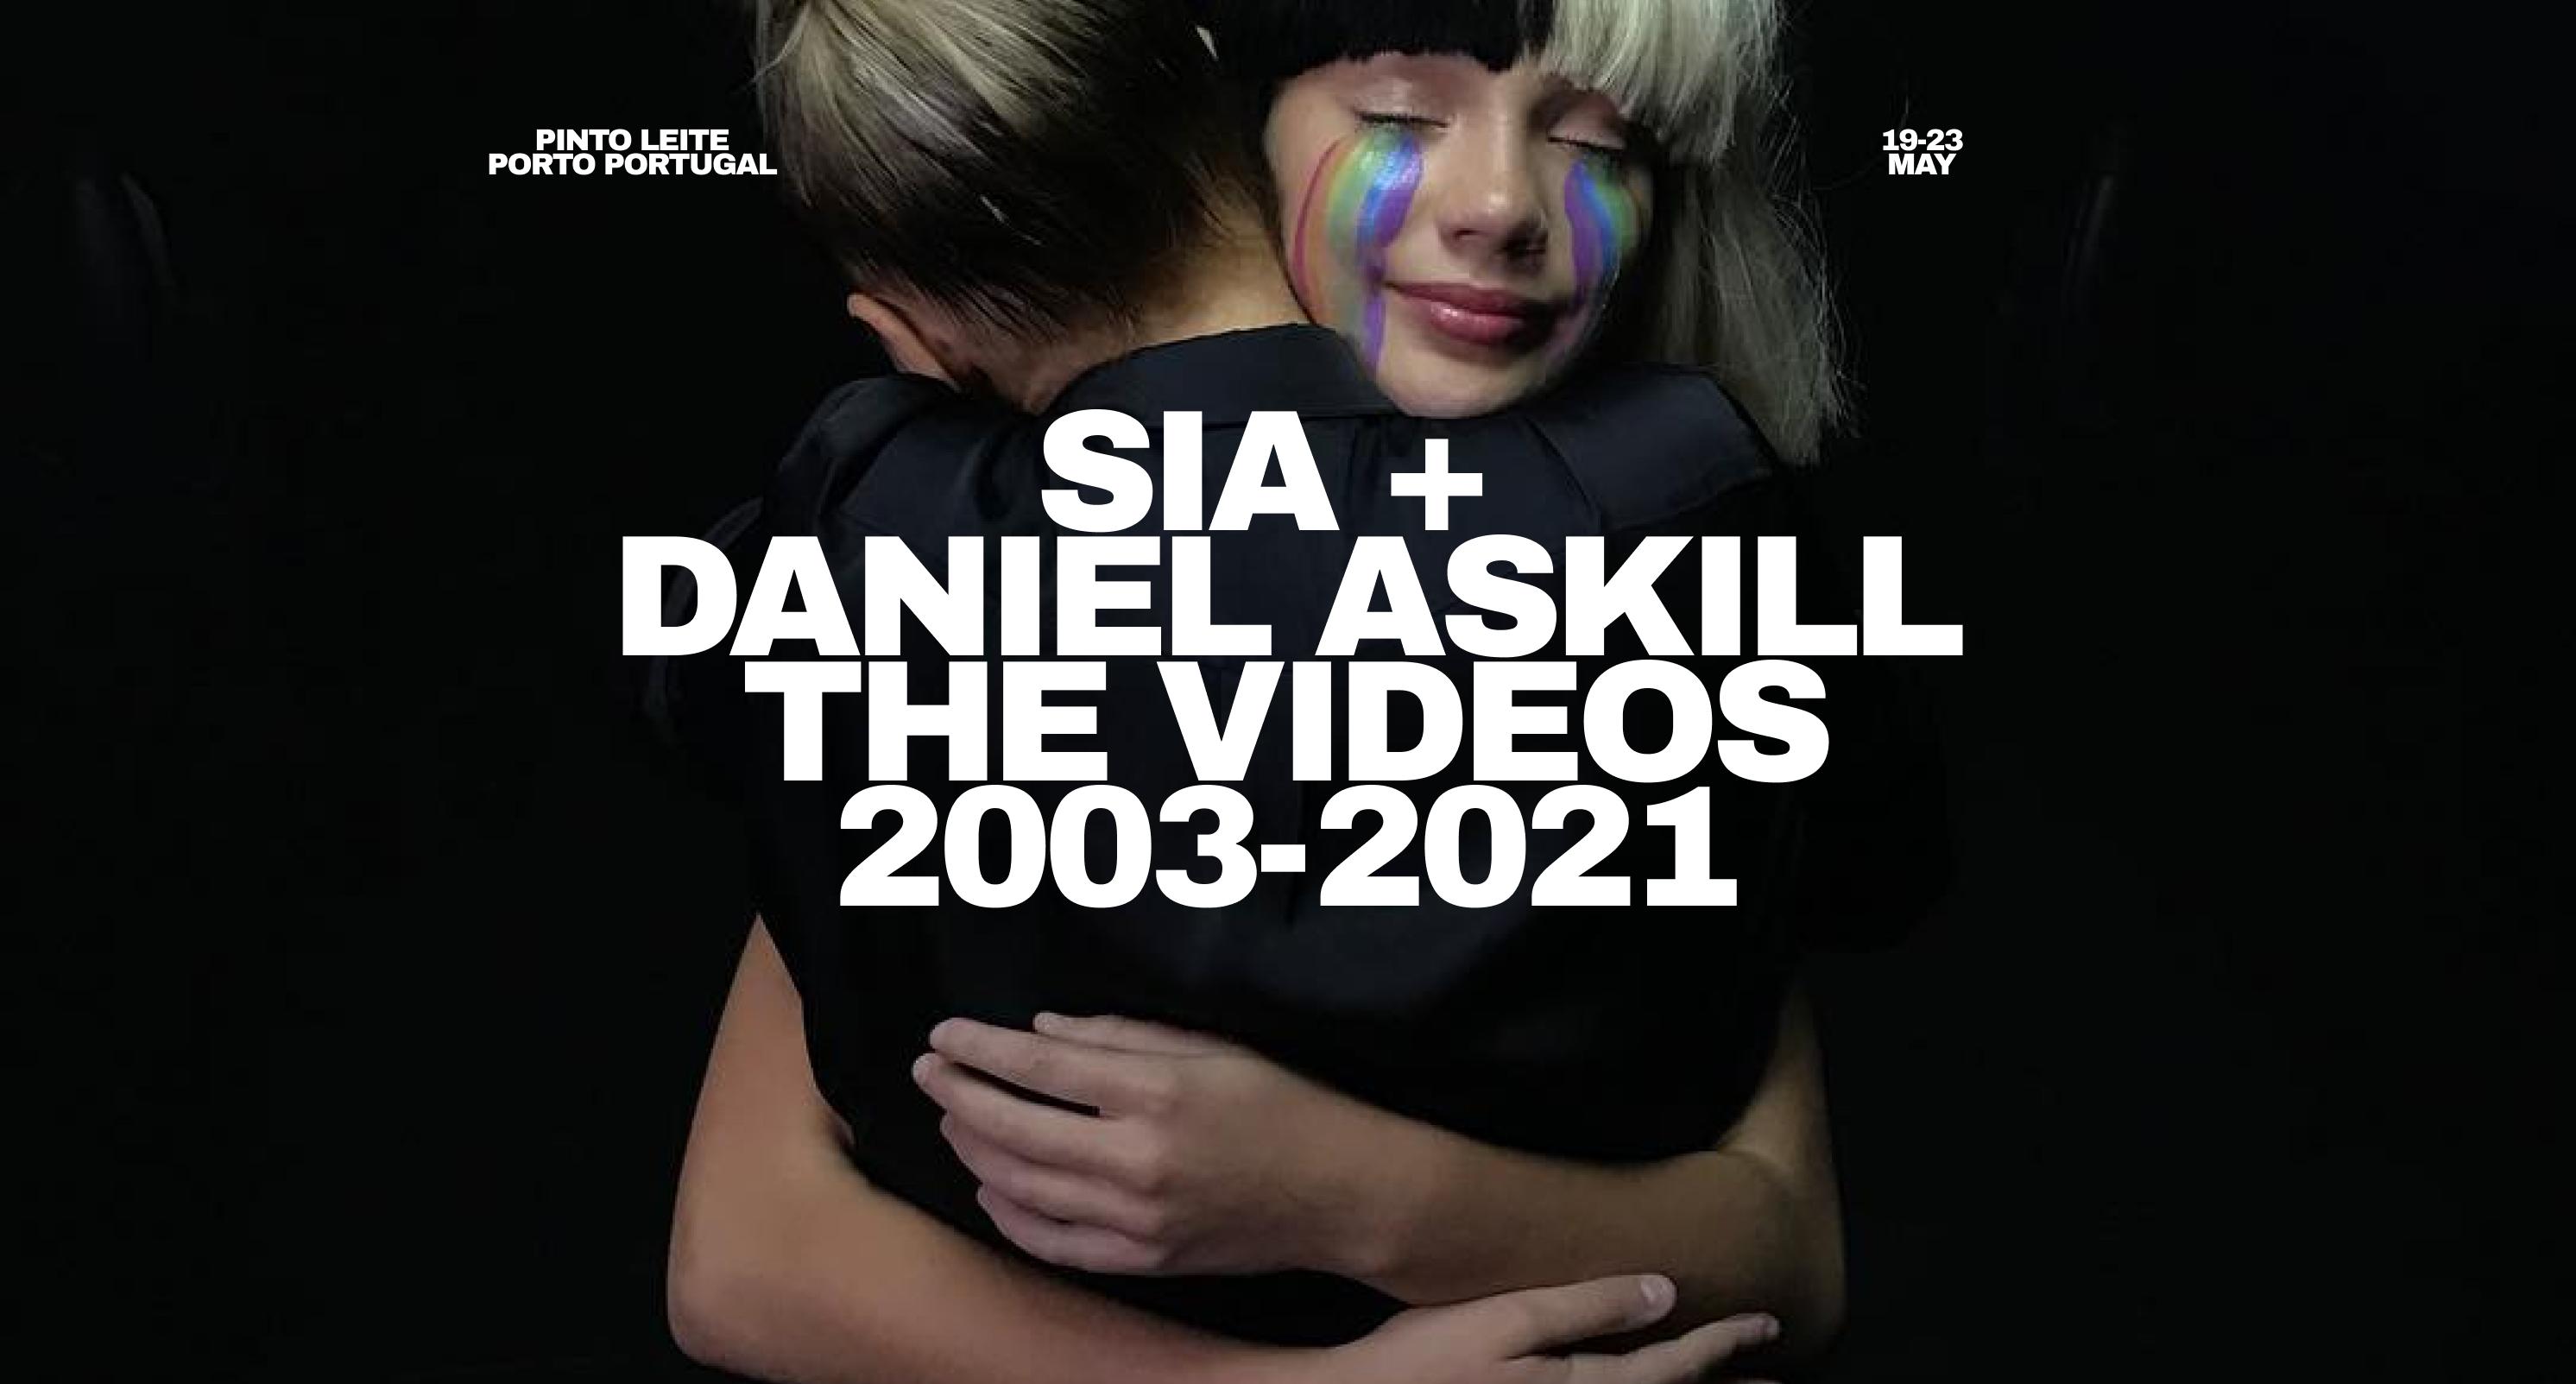 Sia and Daniel Askill The Videos 2003 - 2021